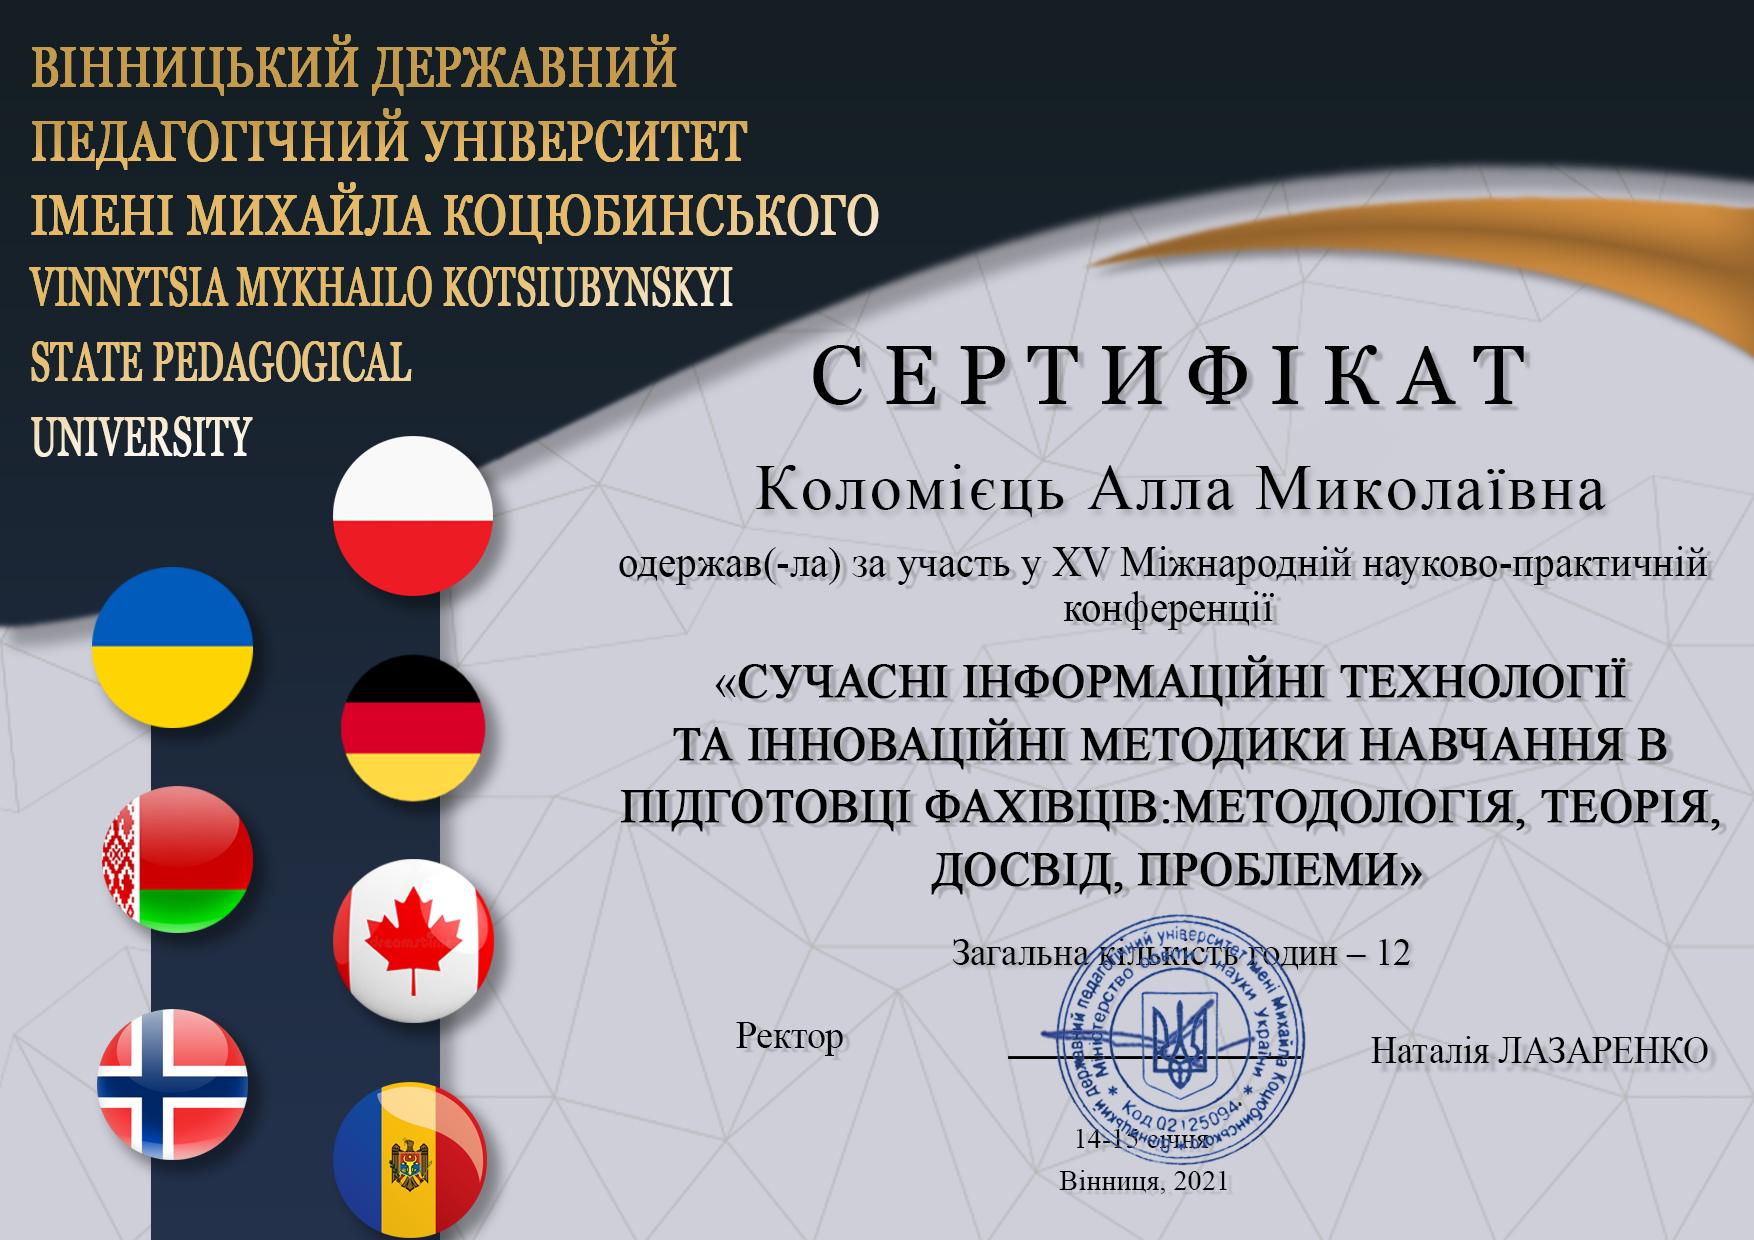 Коломієць Алла Миколаївна